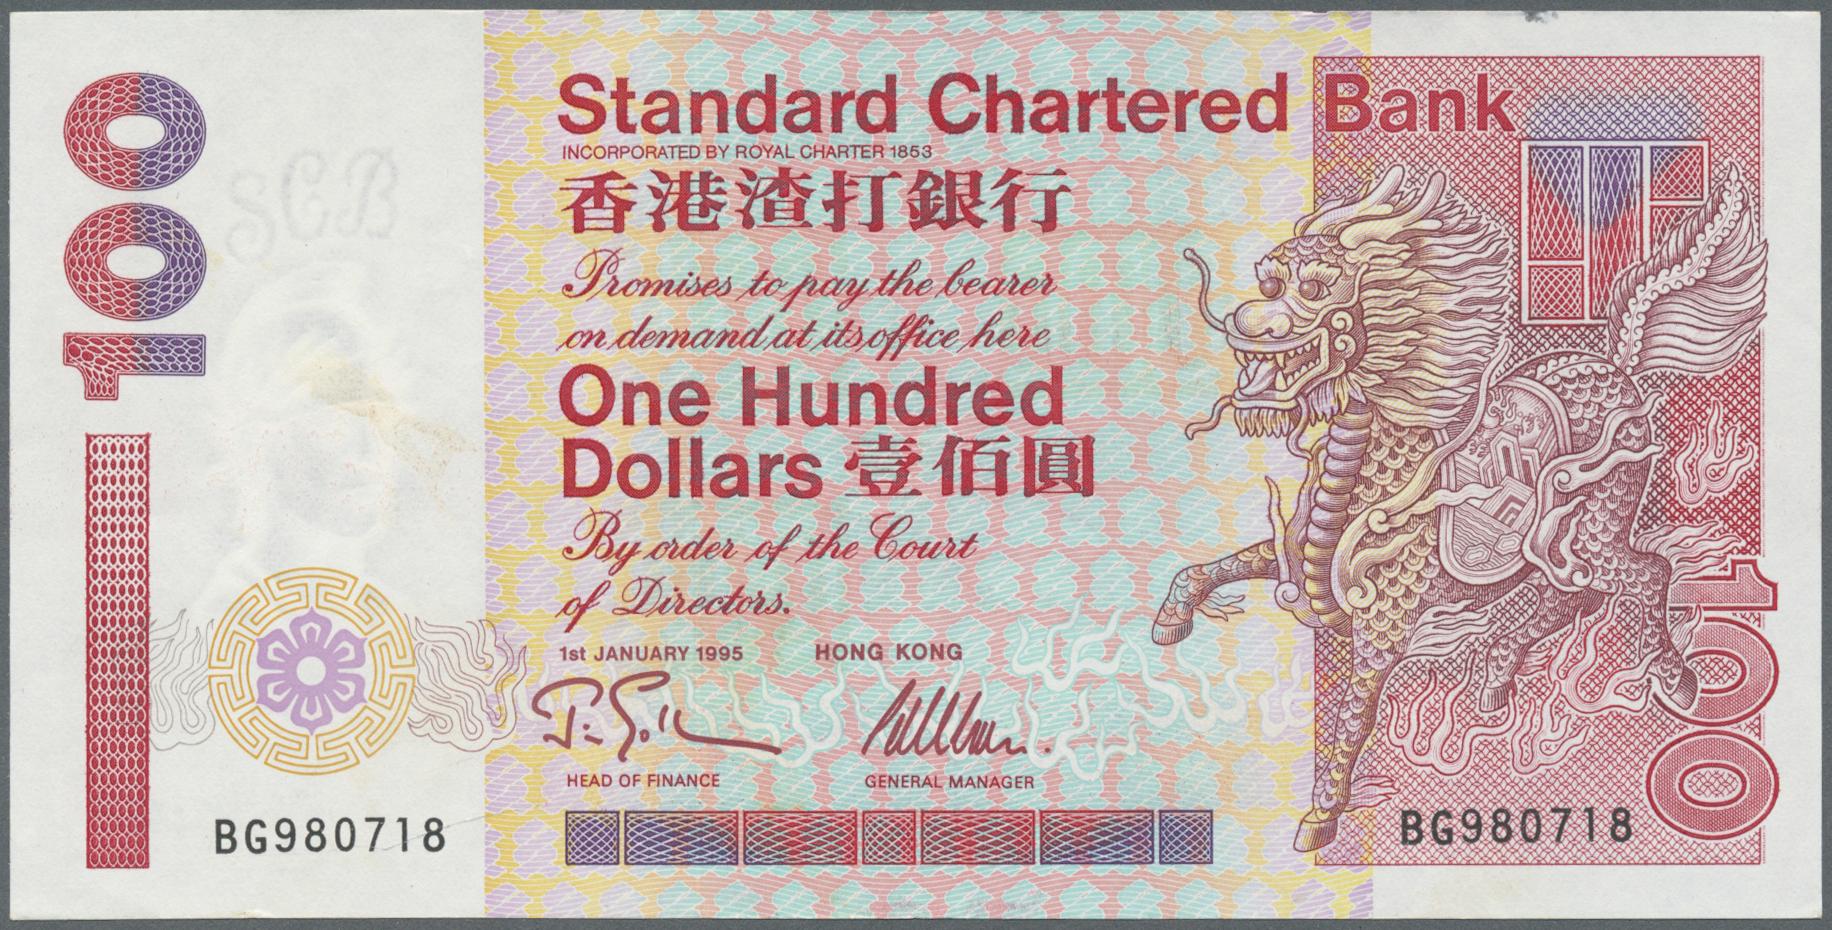 banknote UNC 1995 Standard Chartered Bank Hong Kong 20 Dollars P-285b